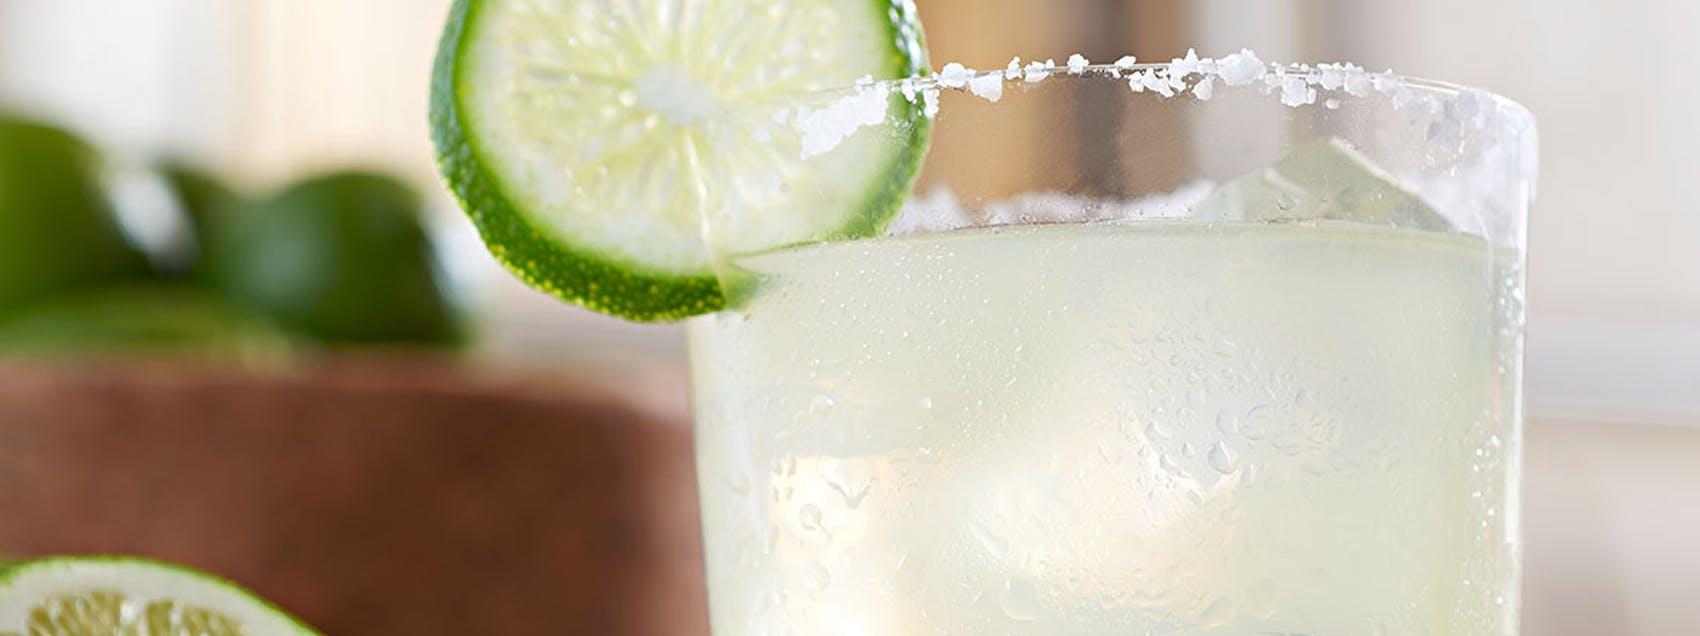 Sauza Classic Margarita